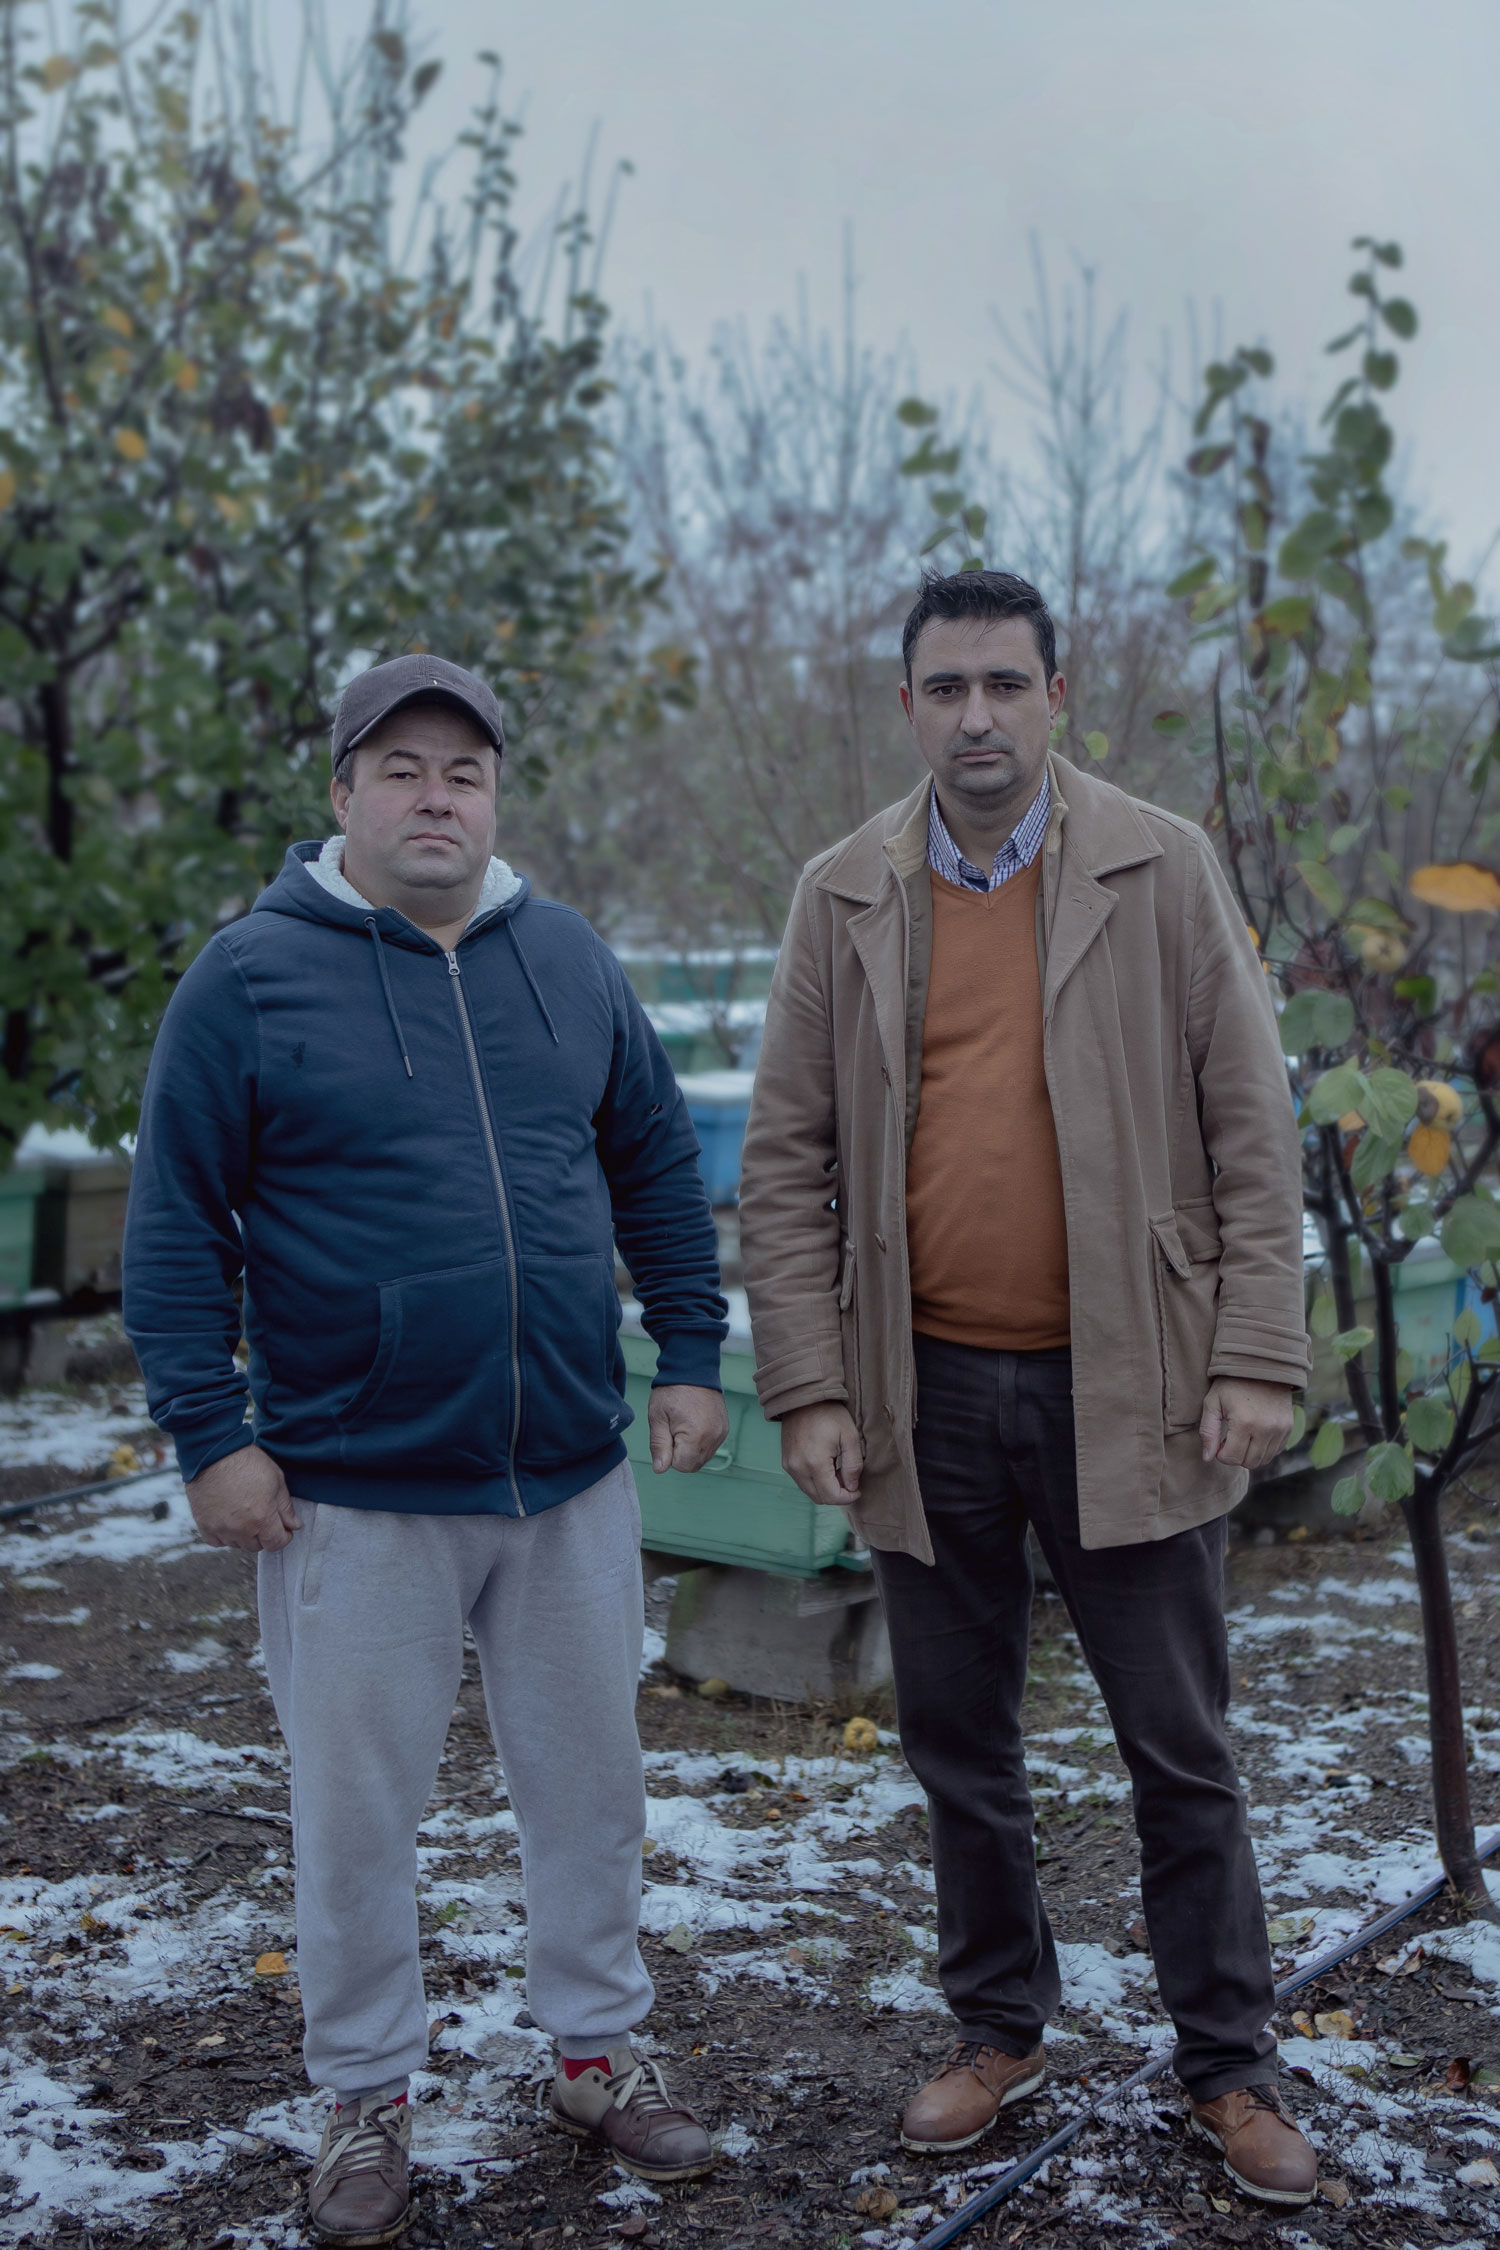 doi bărbați apicultori, surprinși într-o curte